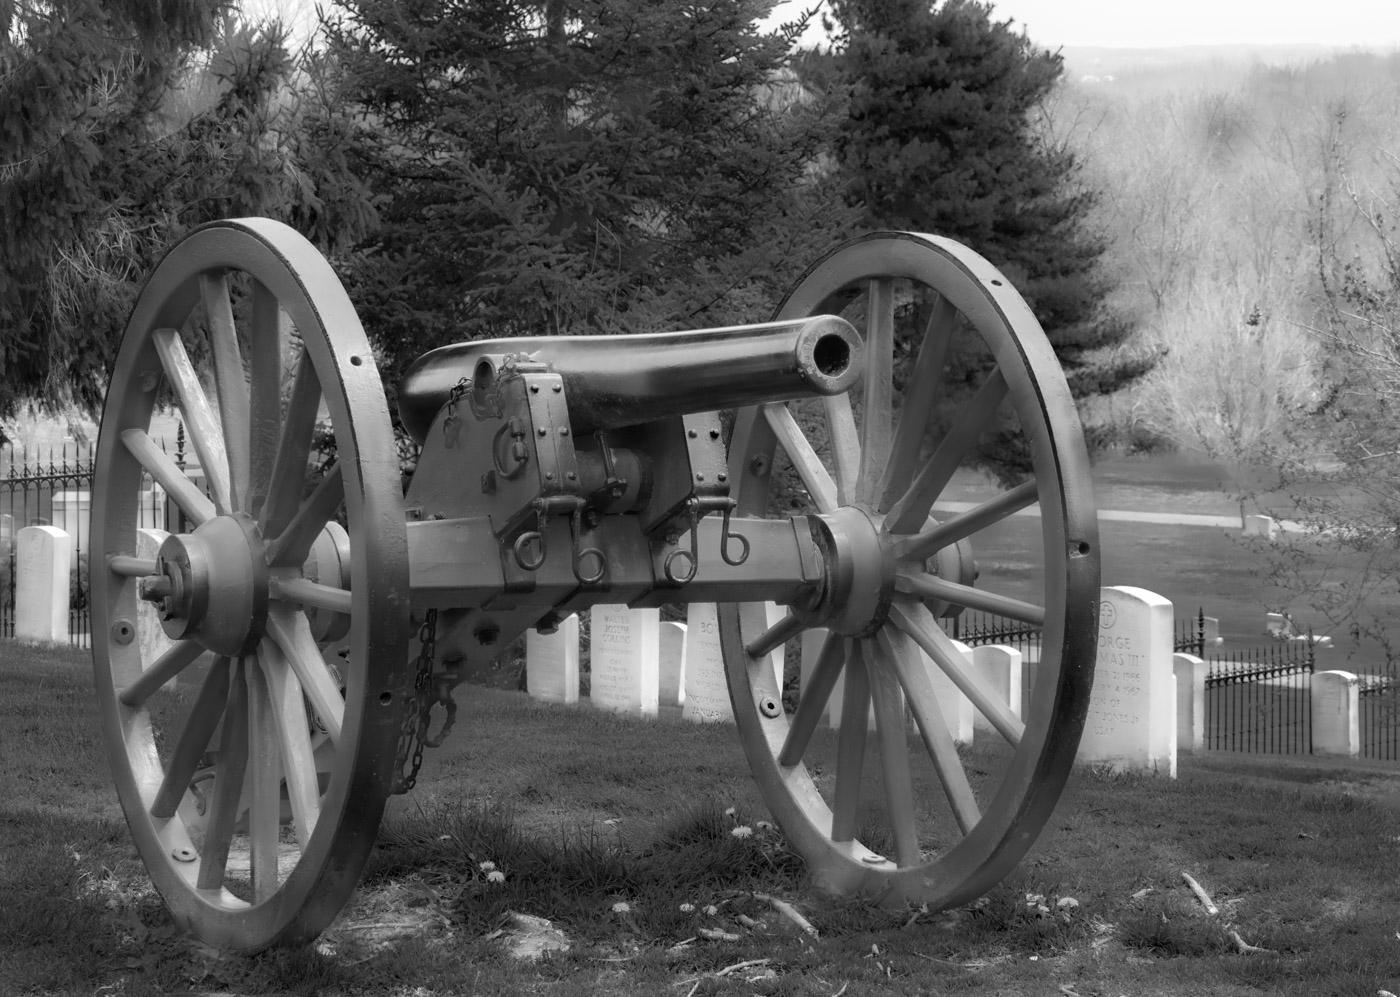 GettysburgCanon.jpg